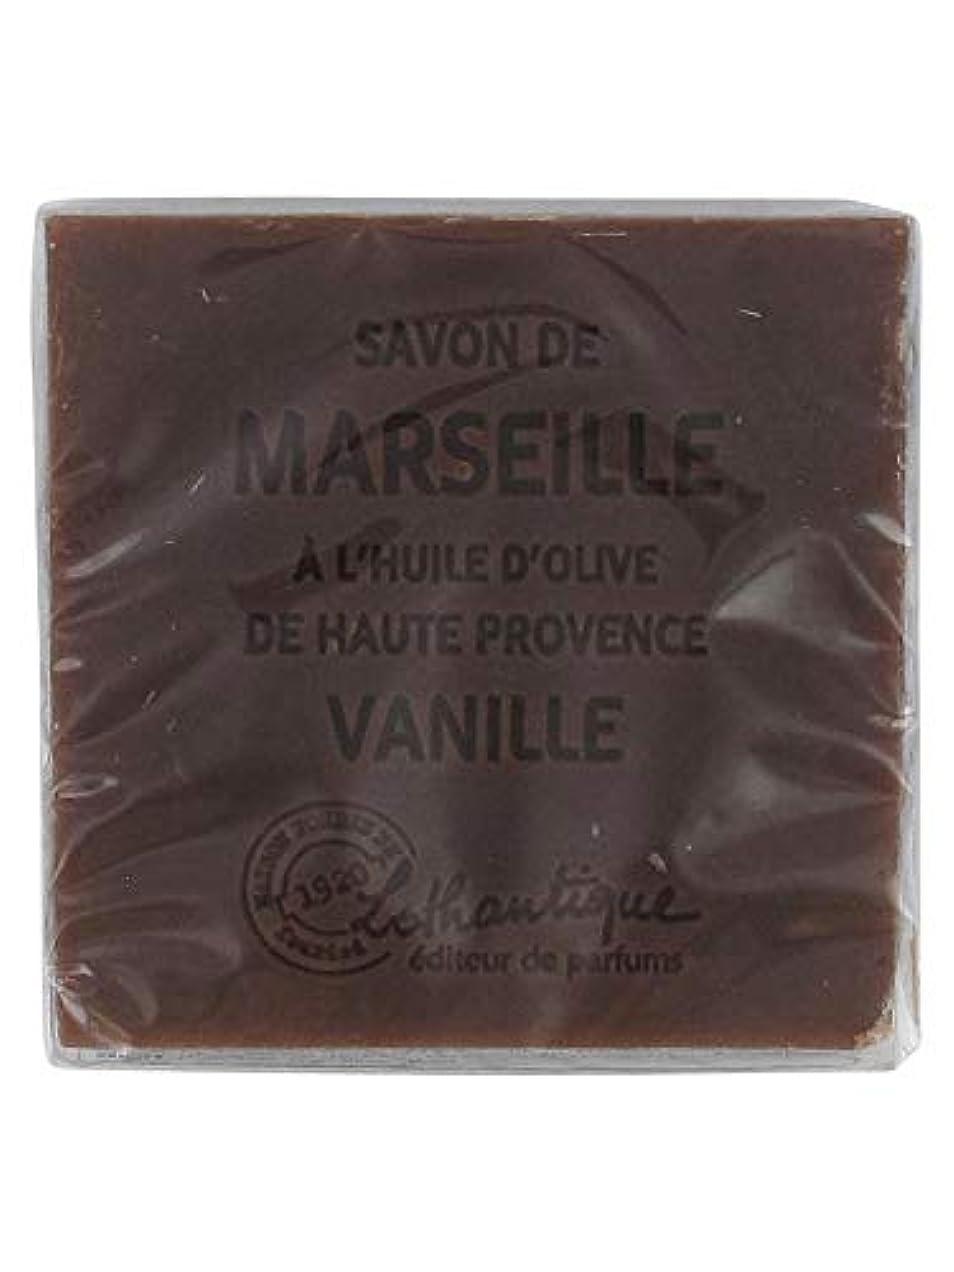 証明する苦難出撃者Lothantique(ロタンティック) Les savons de Marseille(マルセイユソープ) マルセイユソープ 100g 「バニラ」 3420070038005